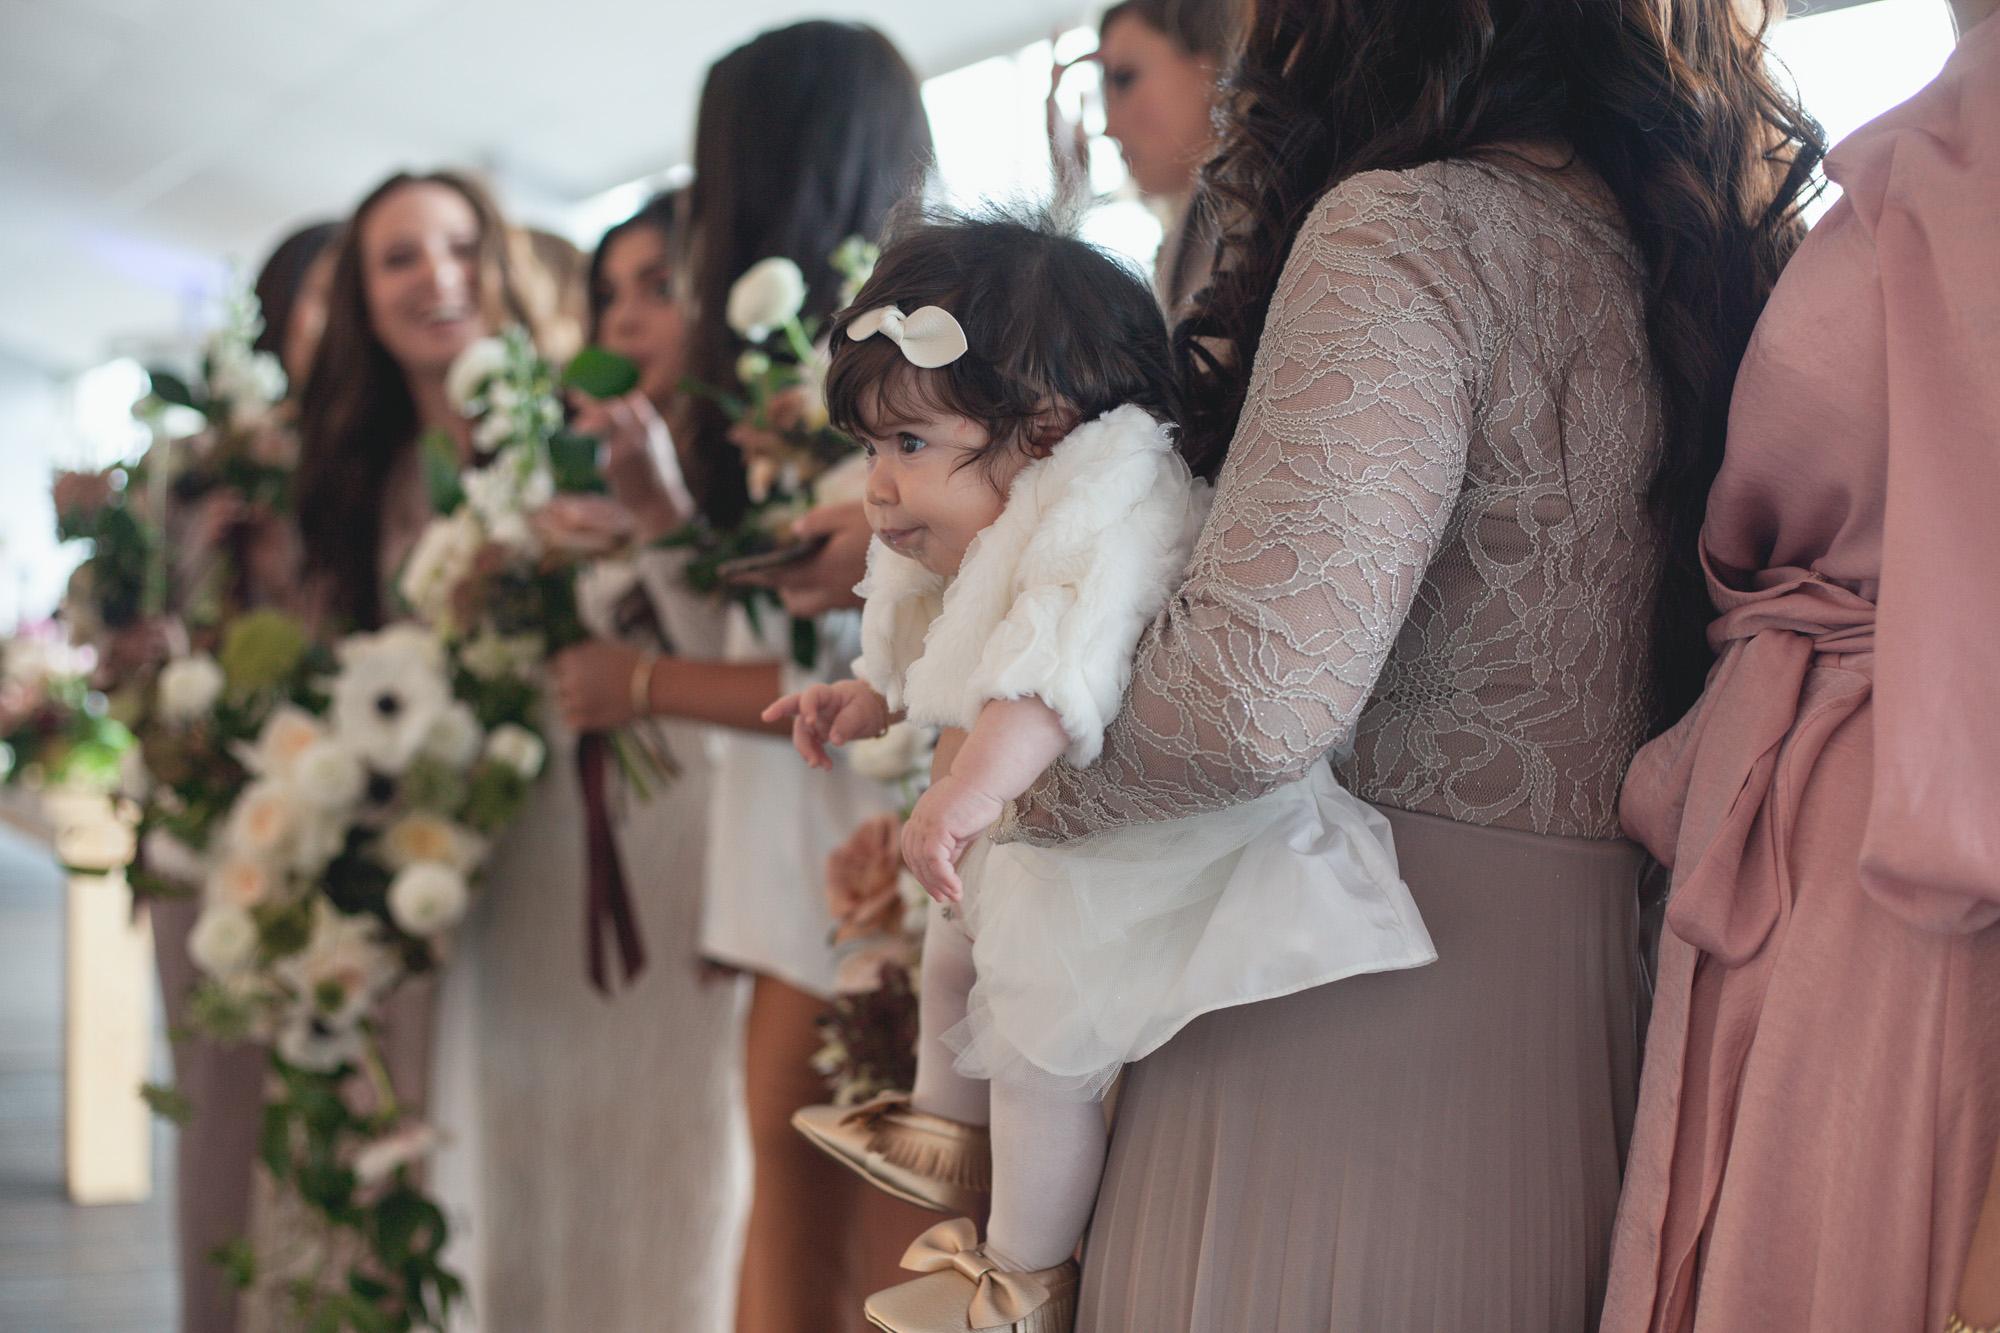 john-henry-wedding-photographer-aaron-devorah-the-lookout-026.JPG